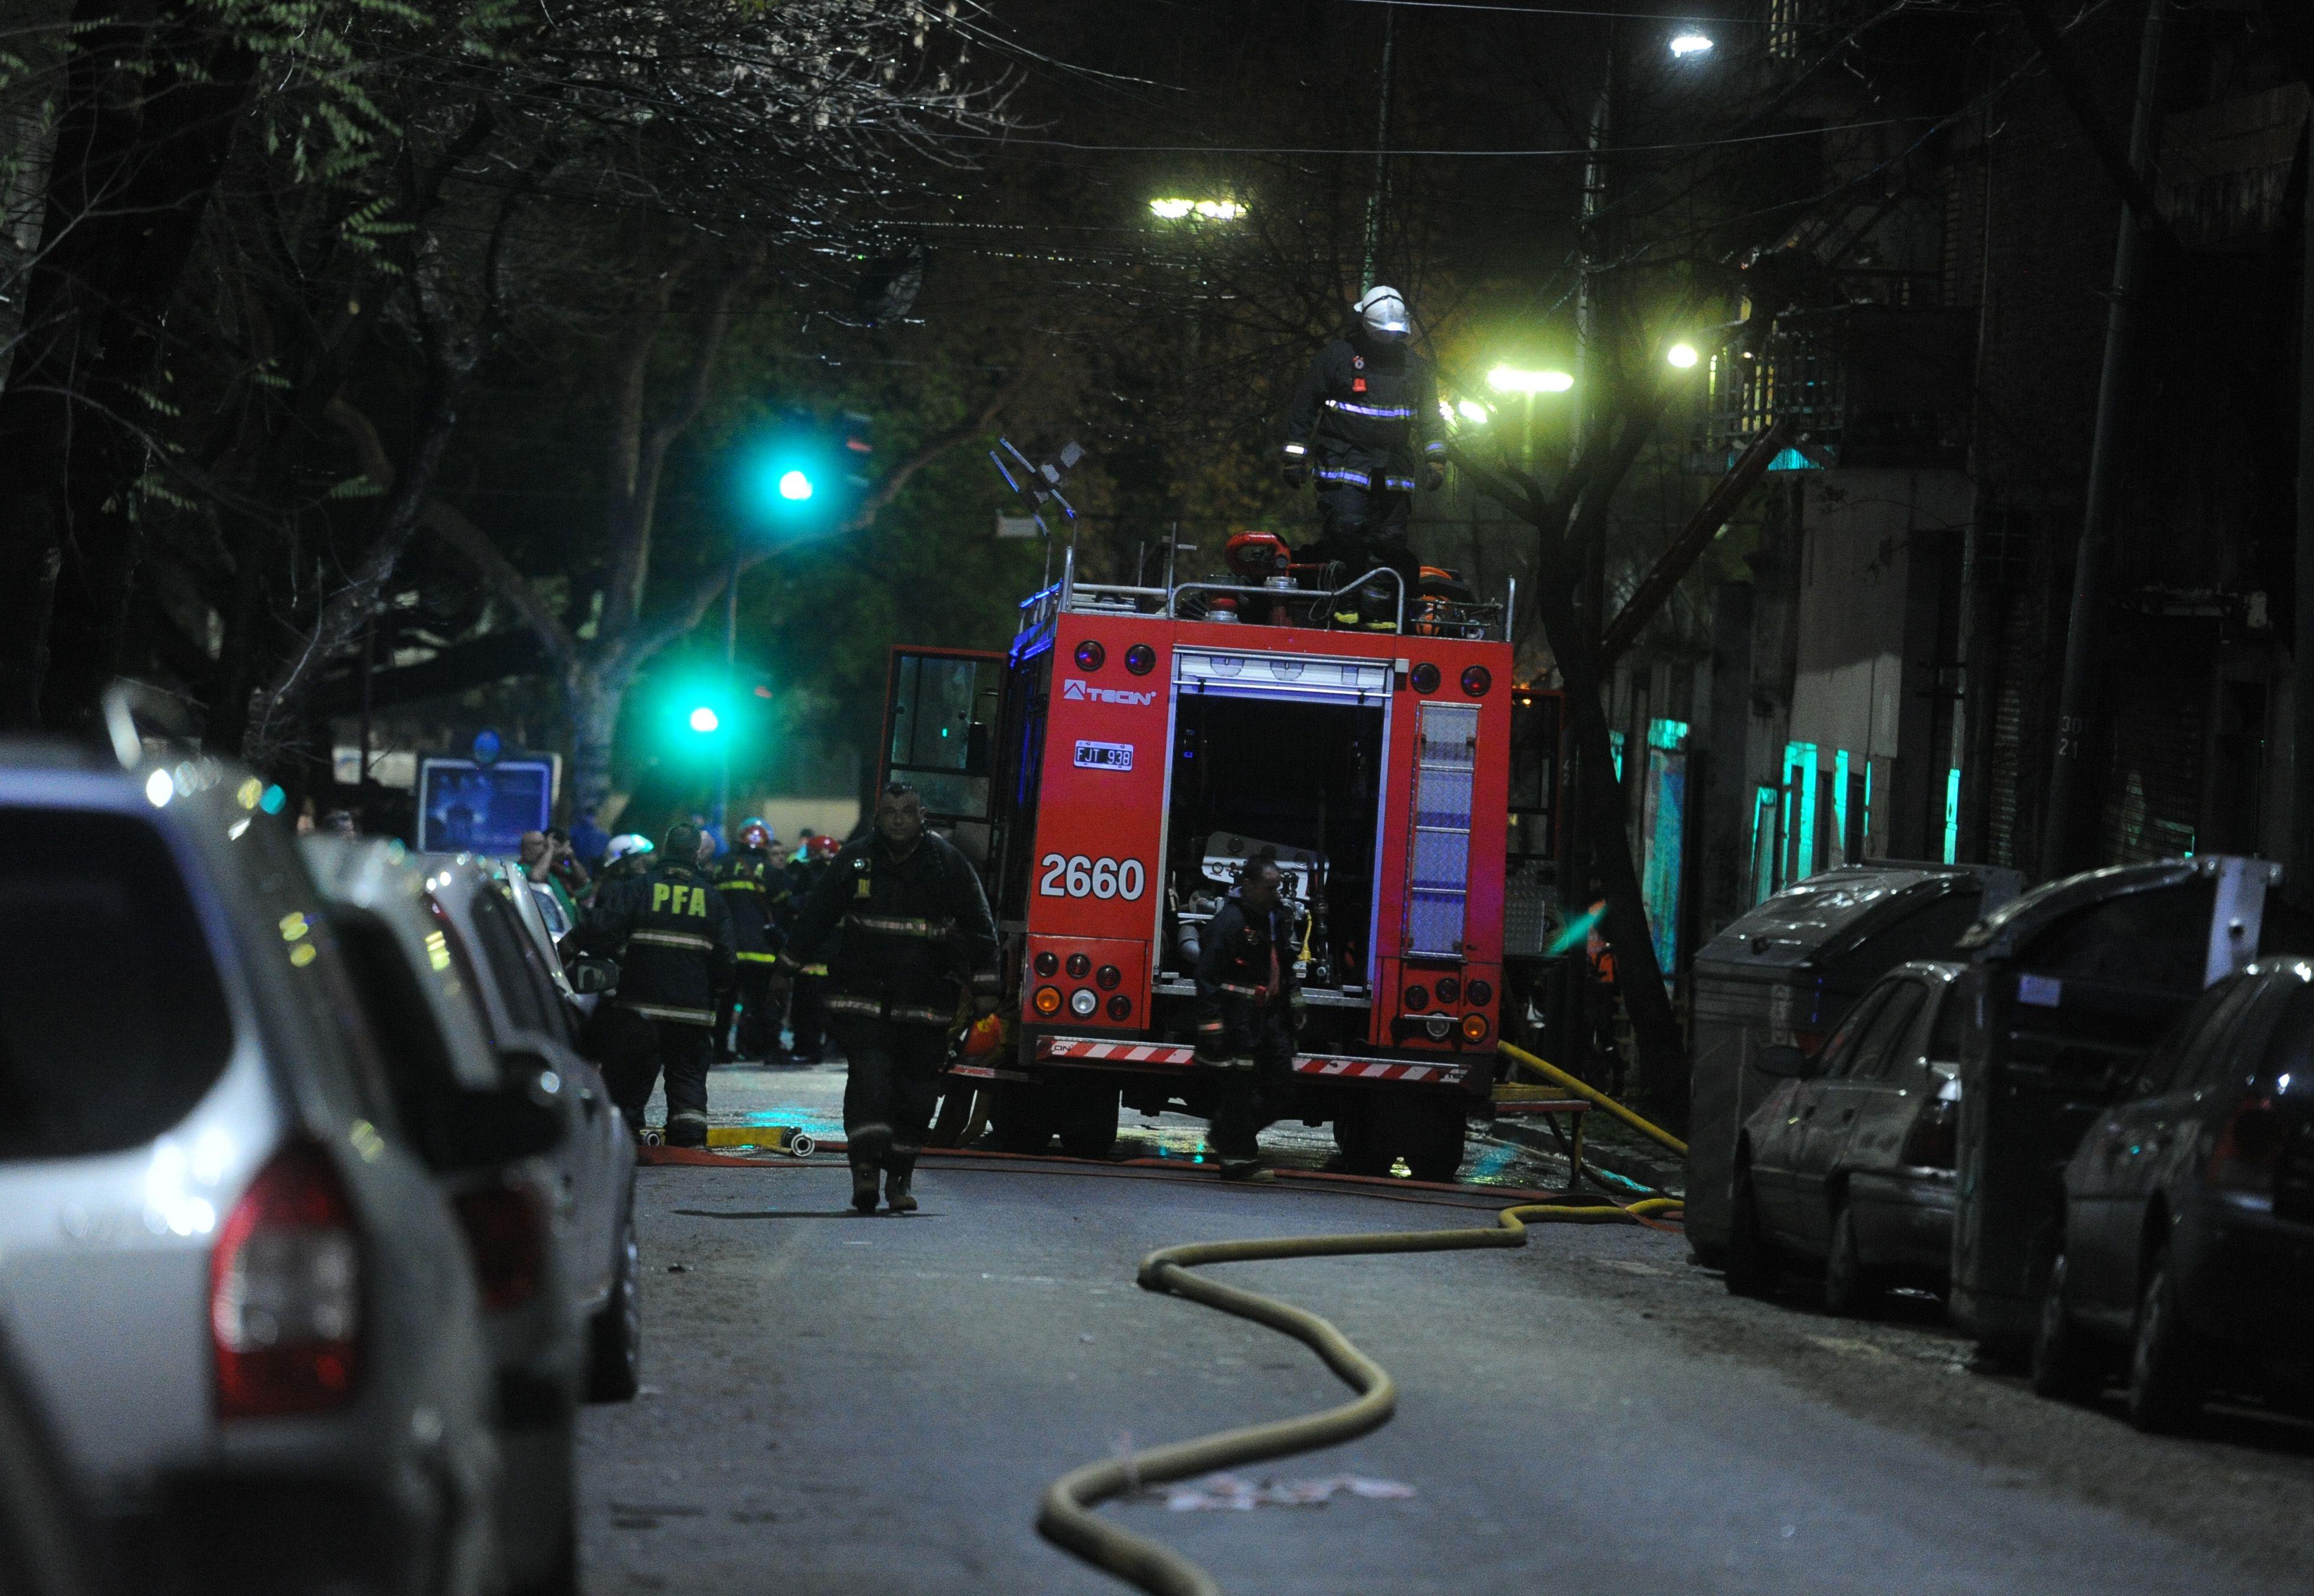 Voraz incendio: al menos 20 personas fueron rescatadas de un hotel en llamas